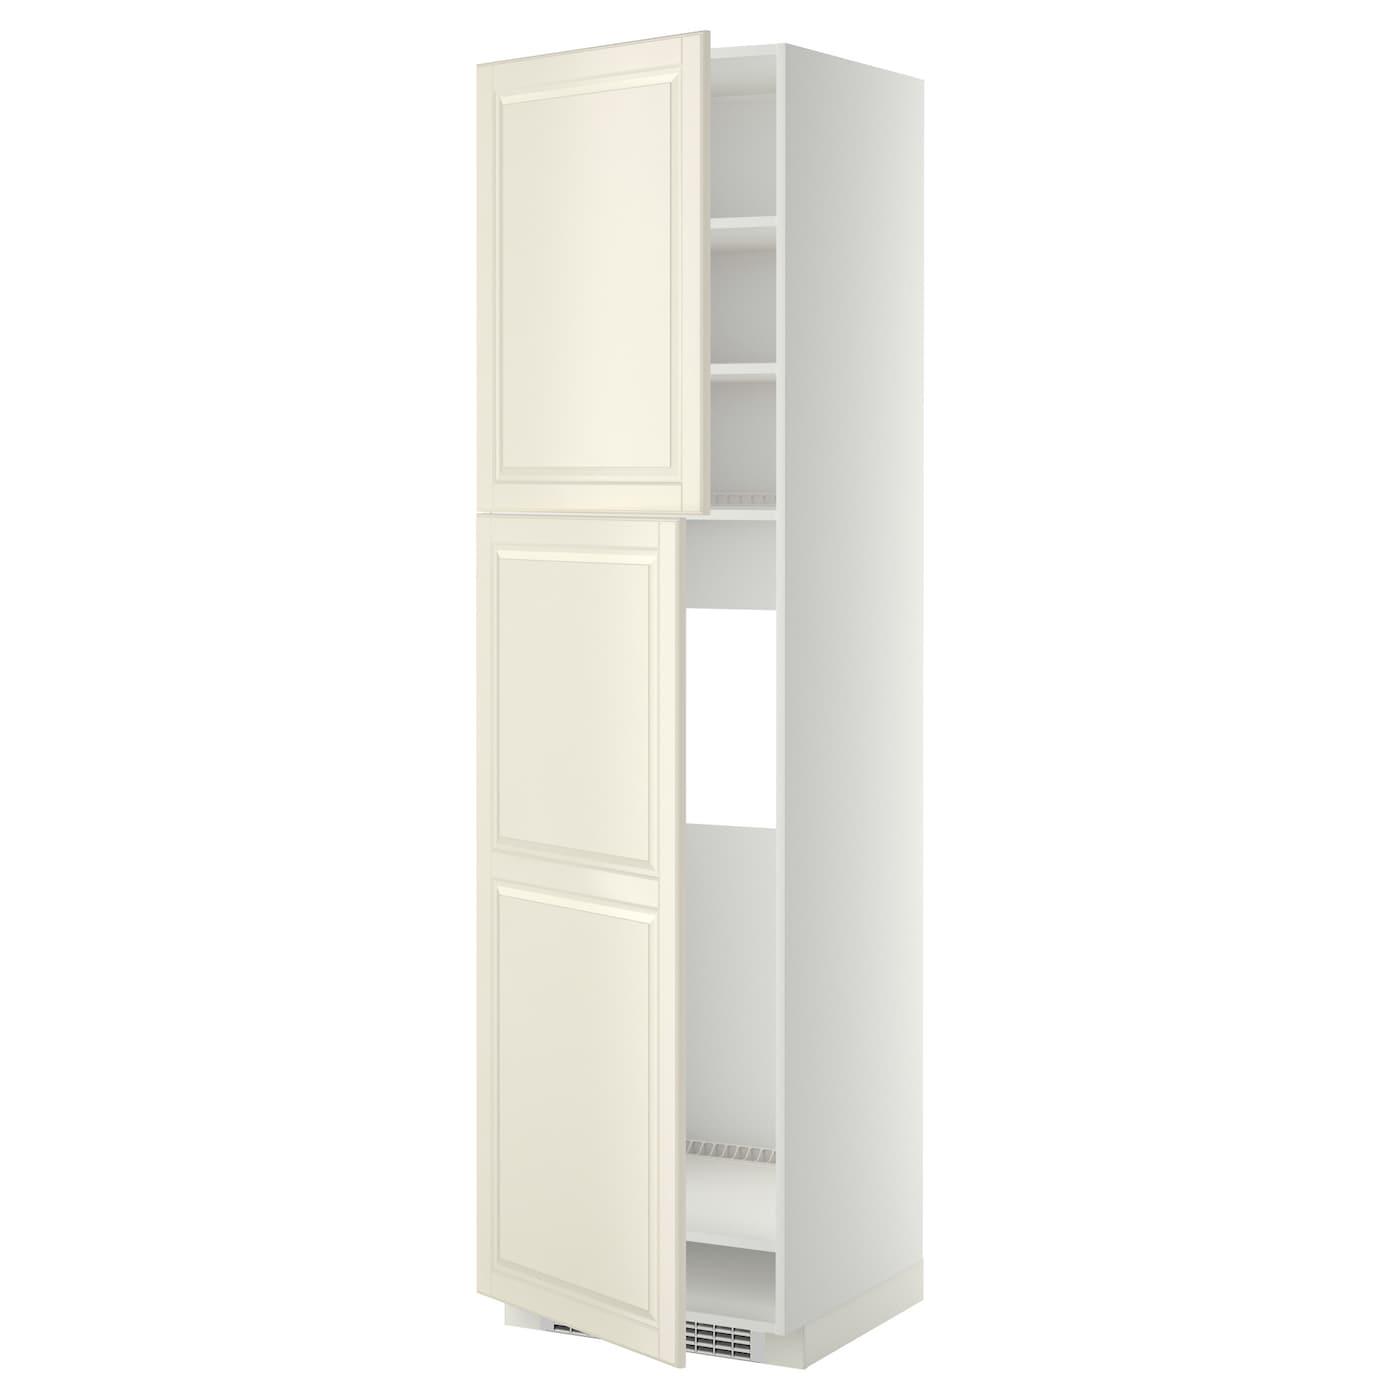 METOD, HS für Kühlschr m 2 Türen, weiß 199.255.48